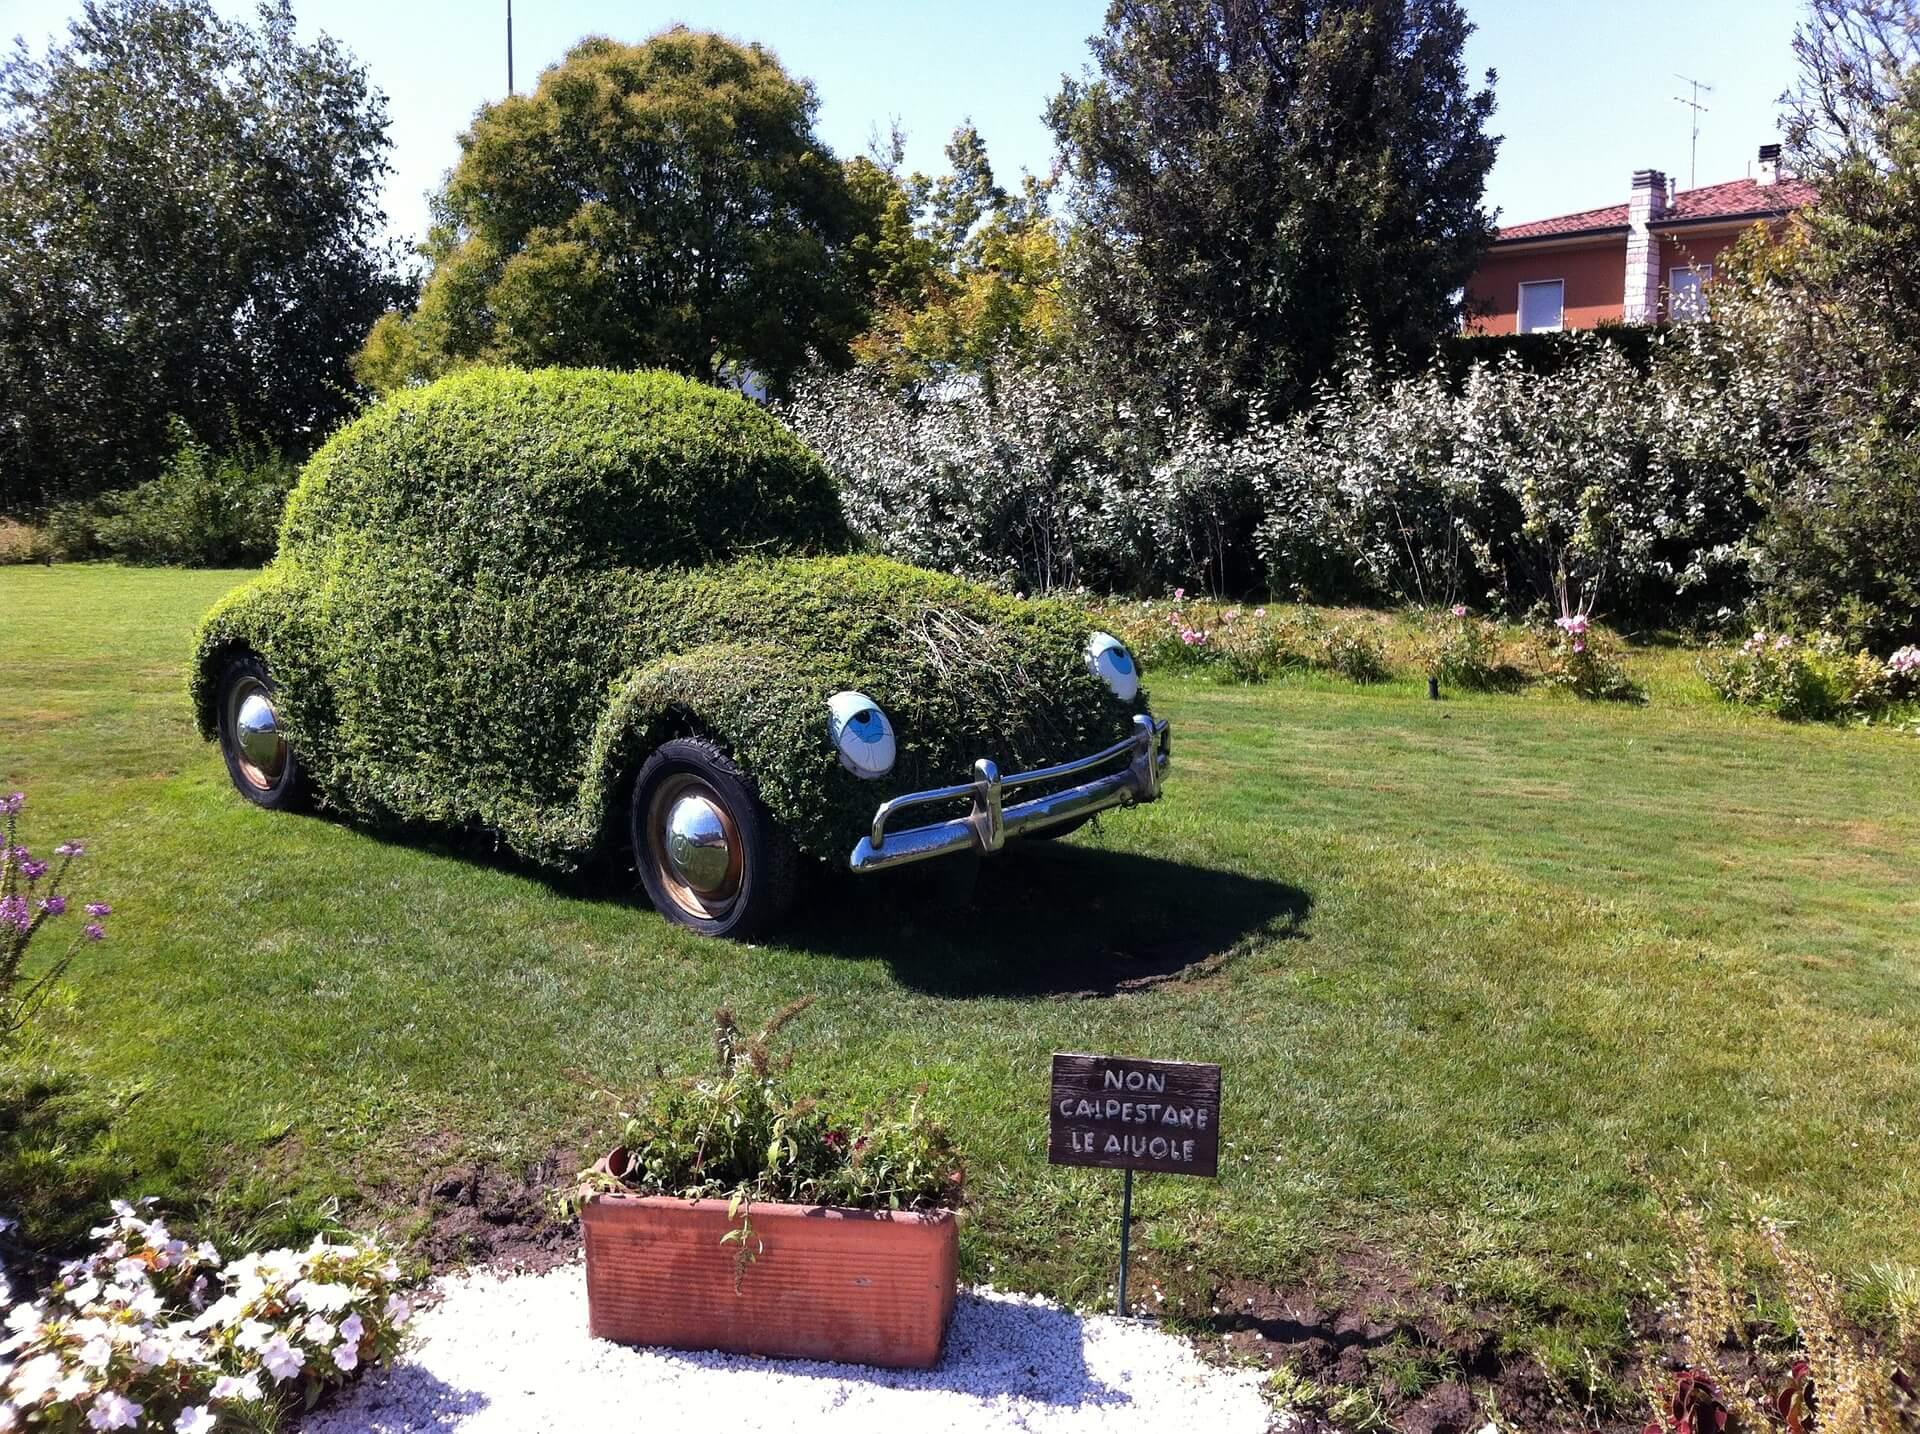 macchina di tipologia maggiolone ricoperta di erba e parcheggiata in un cortile